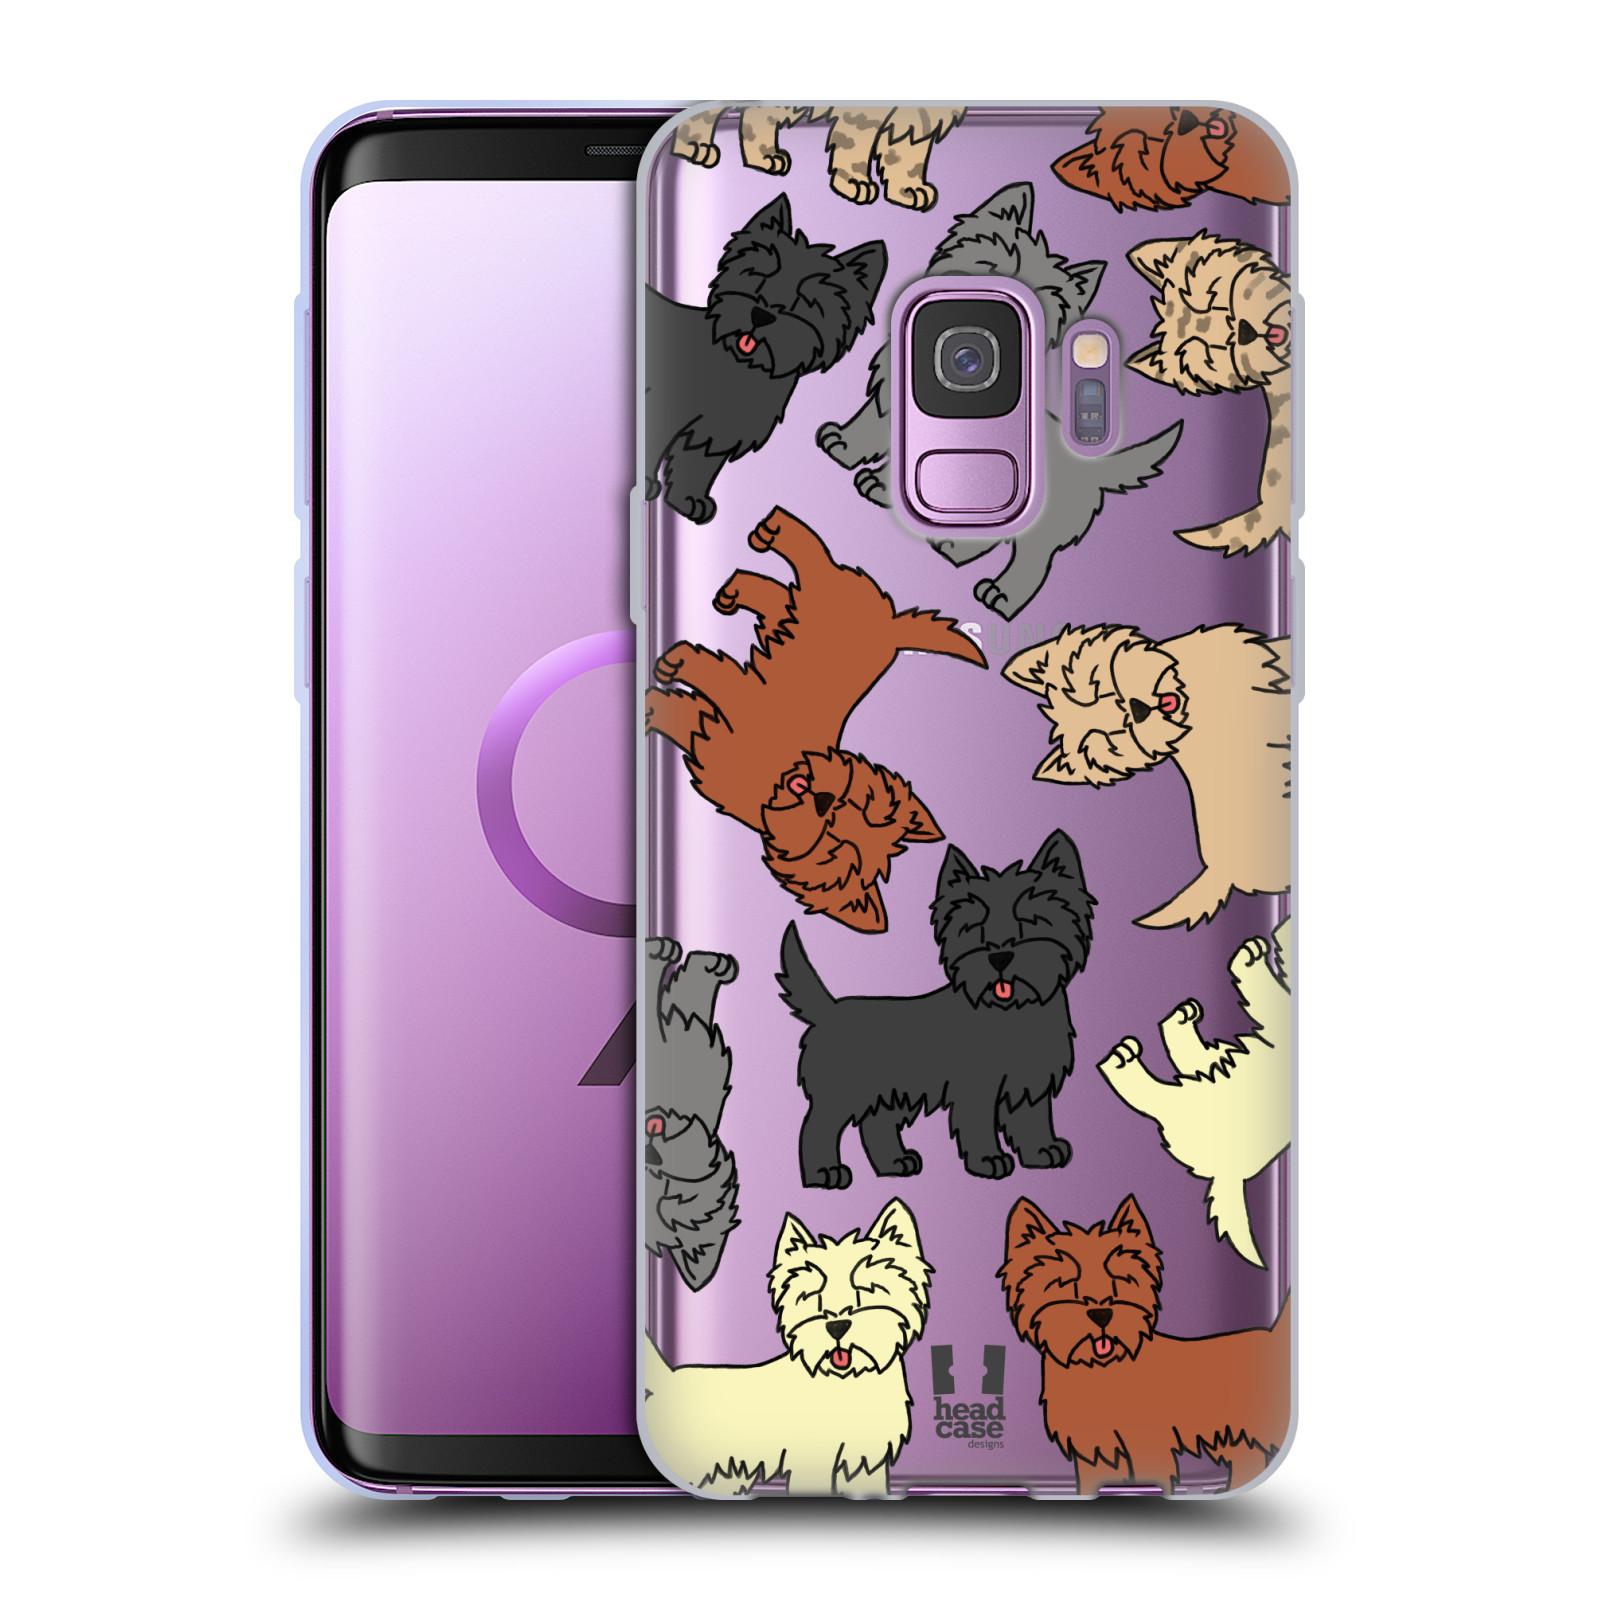 Funda-HEAD-CASE-DESIGNS-DE-RAZA-patrones-6-caso-De-Gel-Suave-Para-Telefonos-Samsung-1